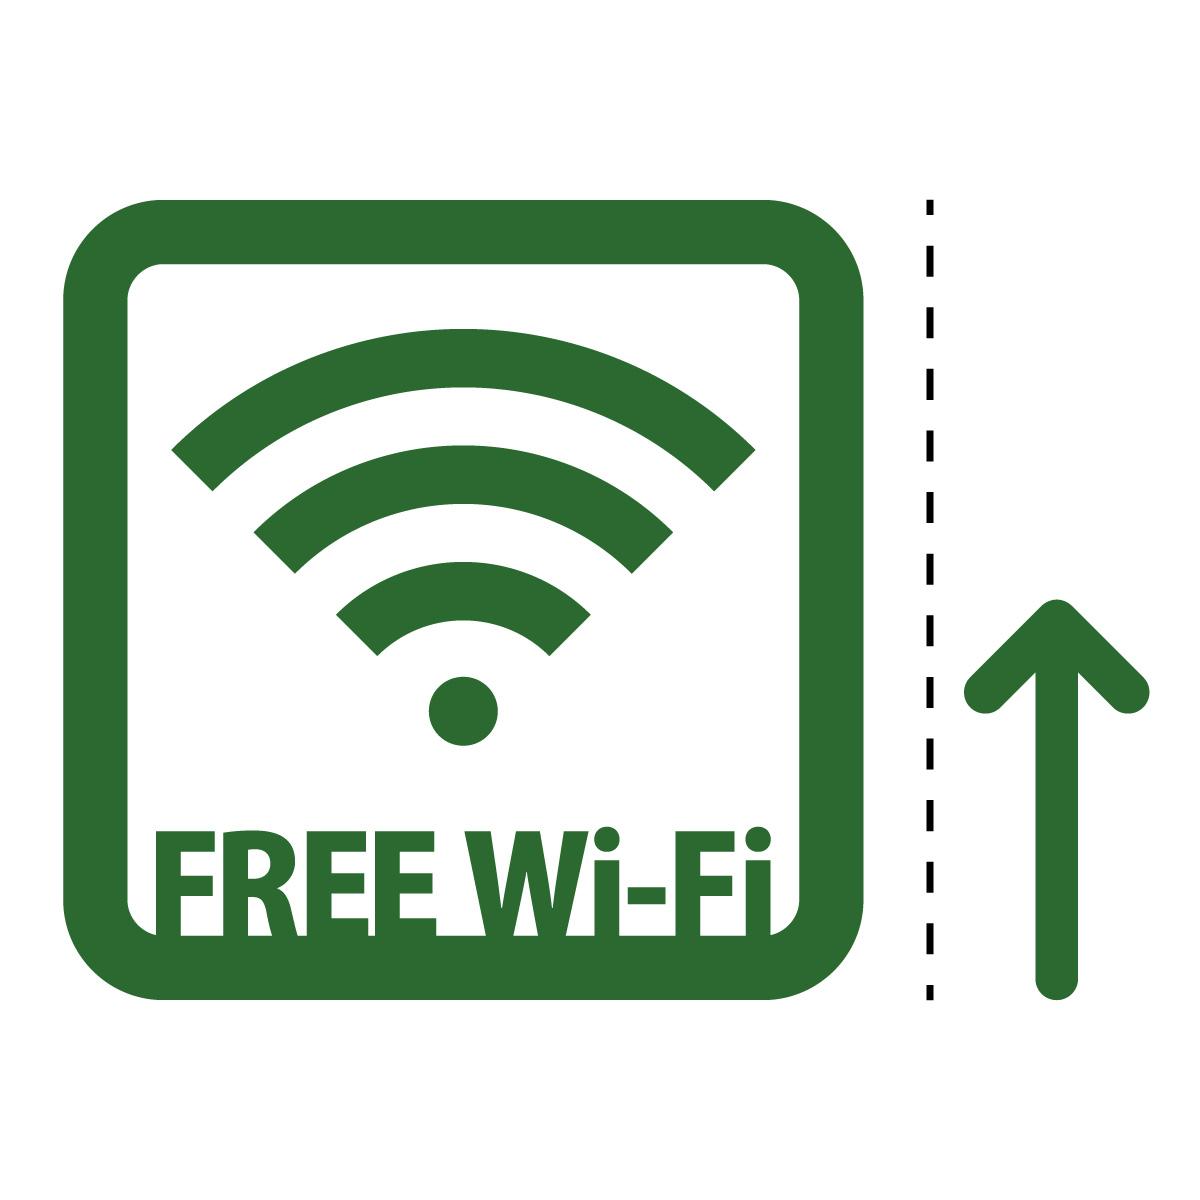 緑色のフリーワイファイ シール ステッカー FREE Wi-Fi 案内(矢印付き) マークのカッティングステッカー 光沢タイプ・防水・耐水・屋外耐候3~4年